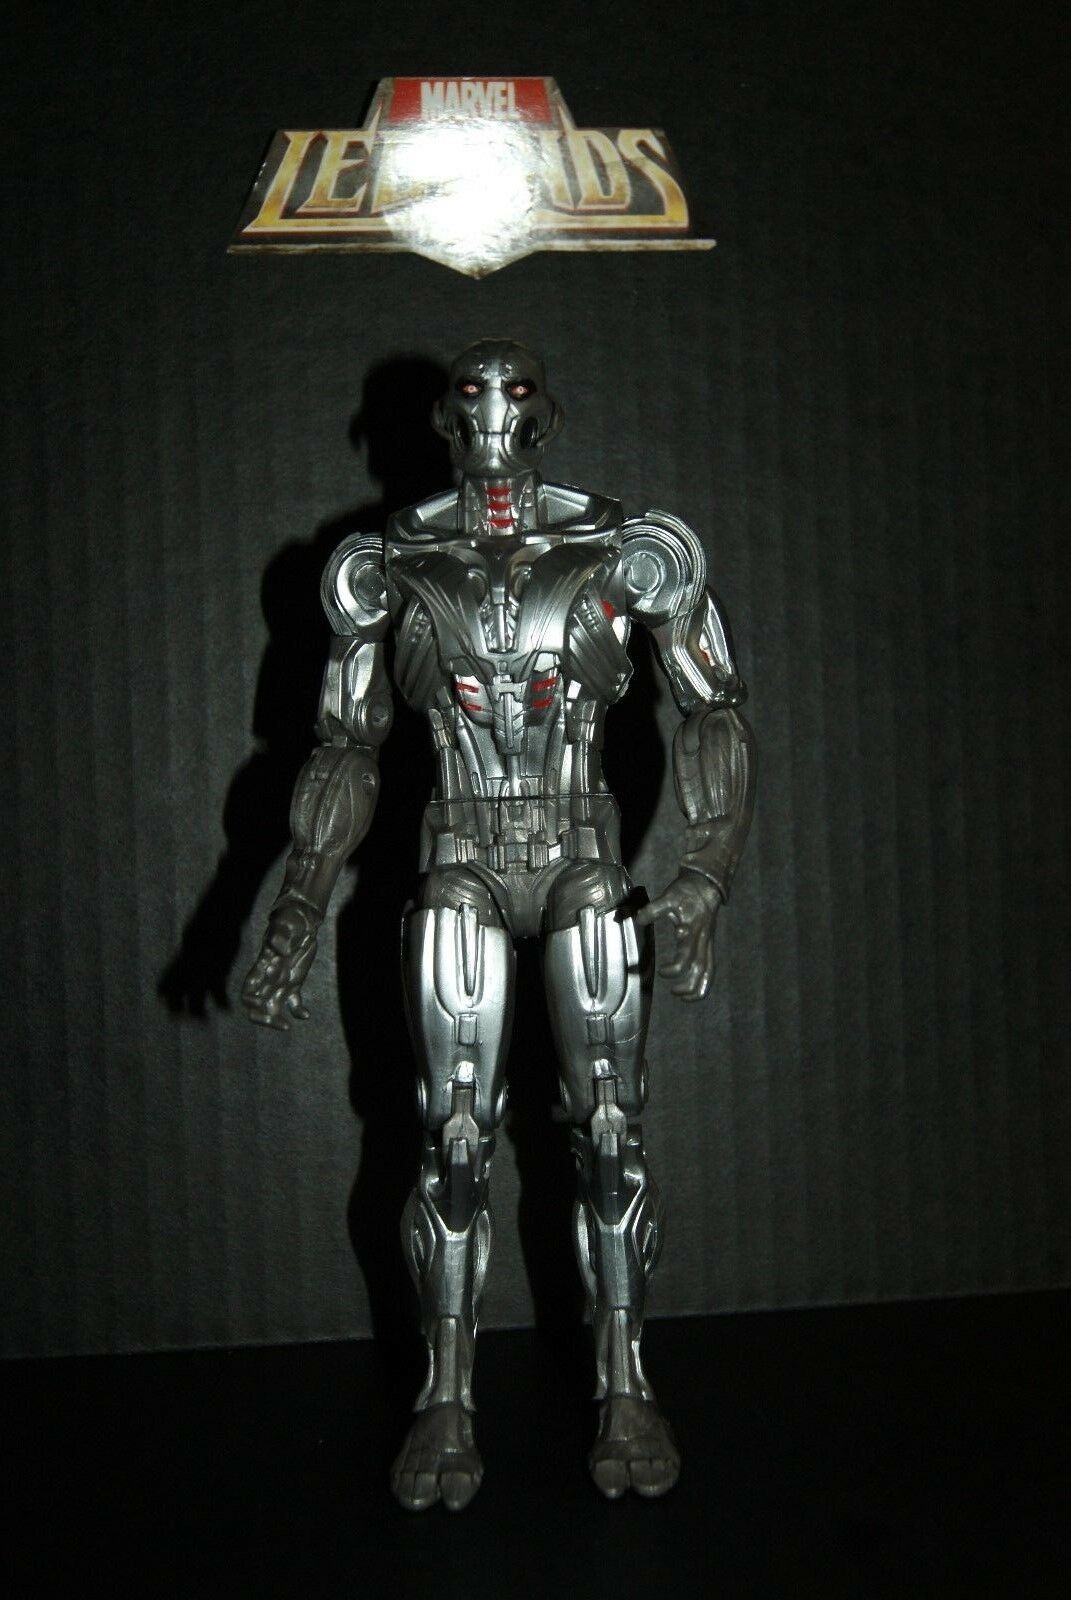 Marvel Legends Ultron BAF Figure Complete - (Build a Figure) Figure) Figure) The Age Of Ultron 730112